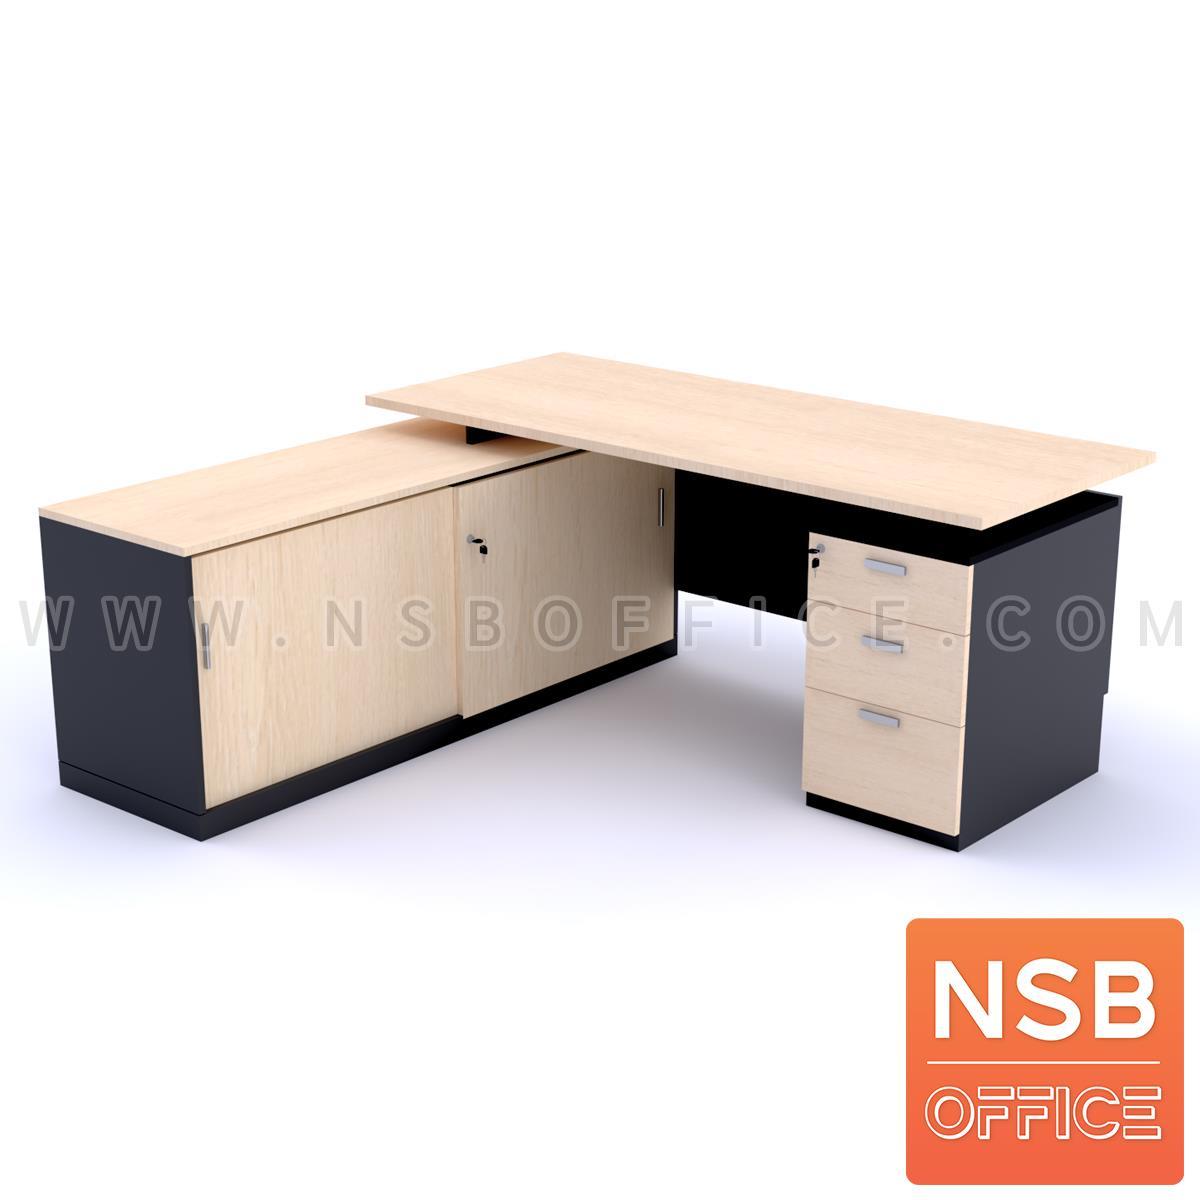 A13A051:โต๊ะผู้บริหารตัวแอล 3 ลิ้นชัก รุ่น NOAH ขนาด 180W1*175W2 cm. พร้อมตู้ข้าง